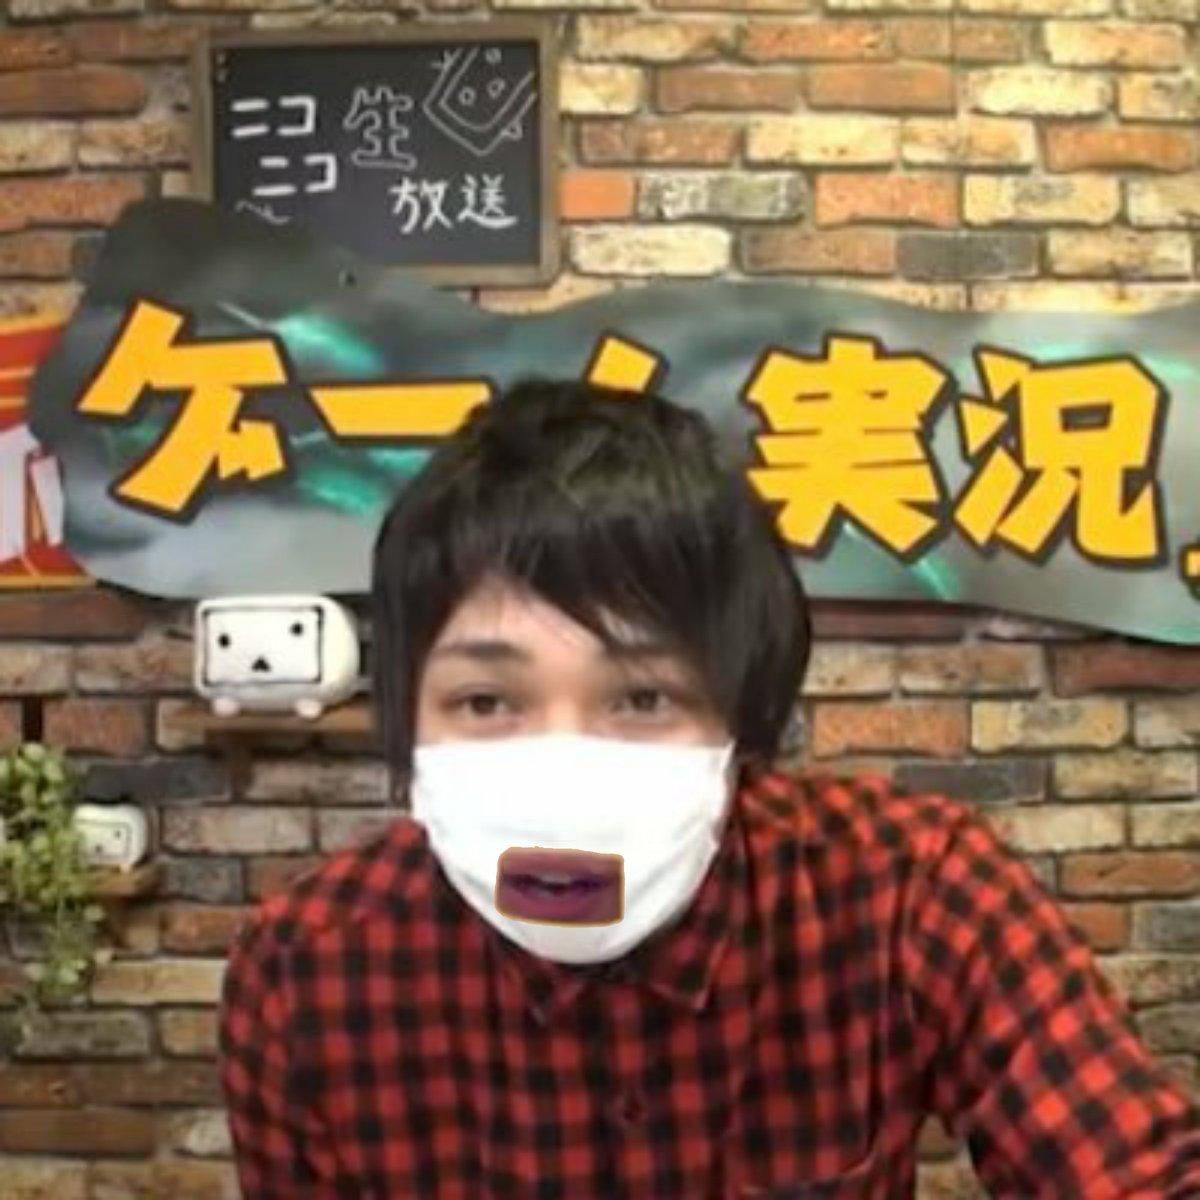 けんぞう 鈴木 鈴木けんぞう氏がまた広告収入無視の短編動画でミリオンヒットをたたき出した件  